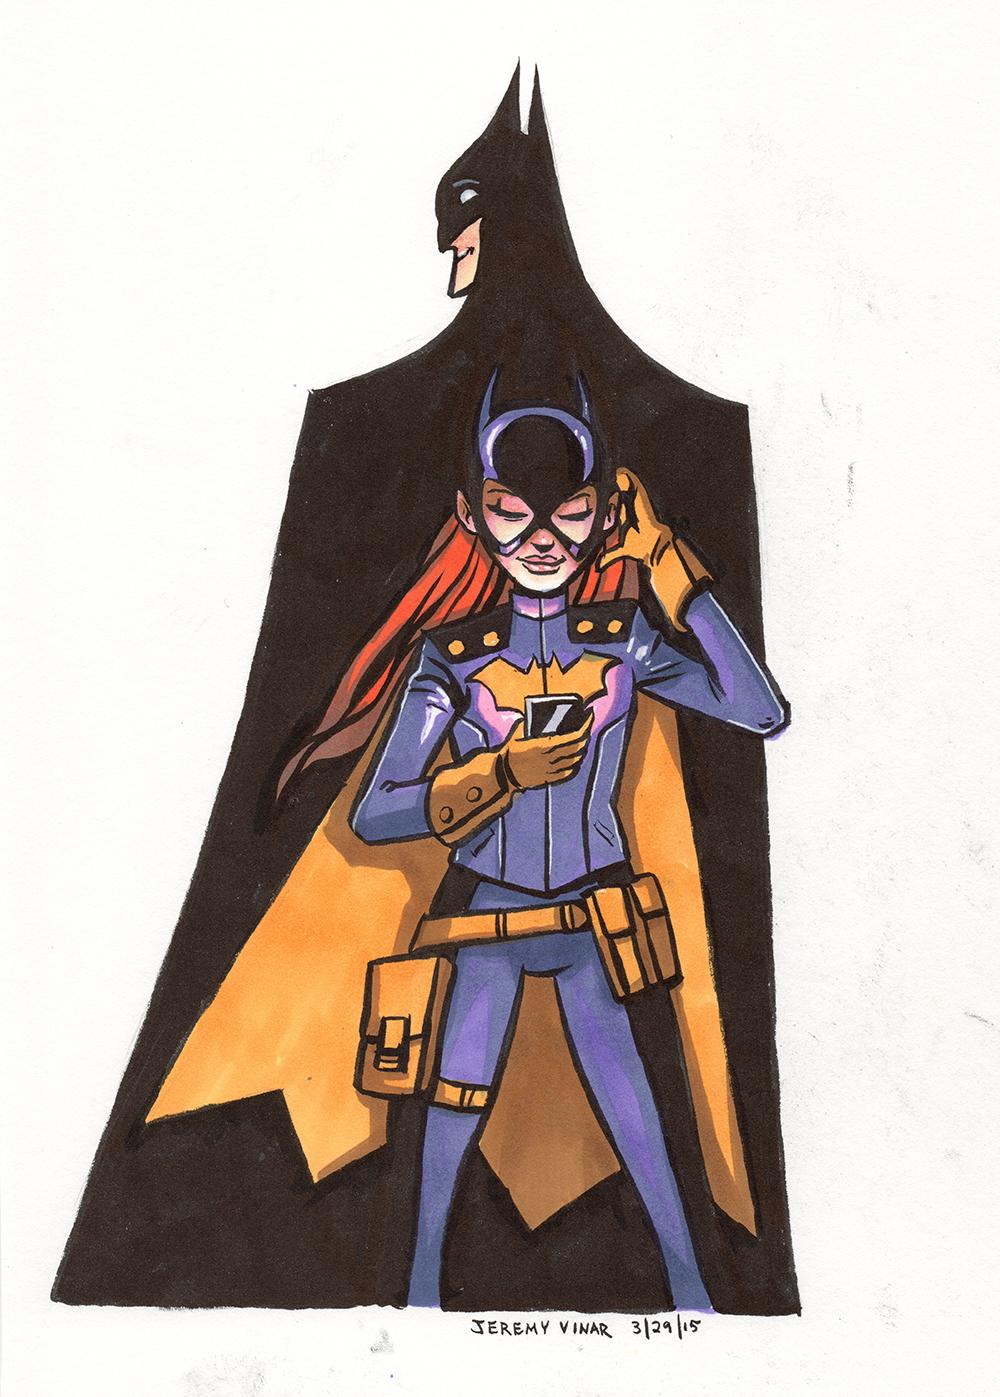 2015-03-29_BatgirlBatmanSmall.jpg